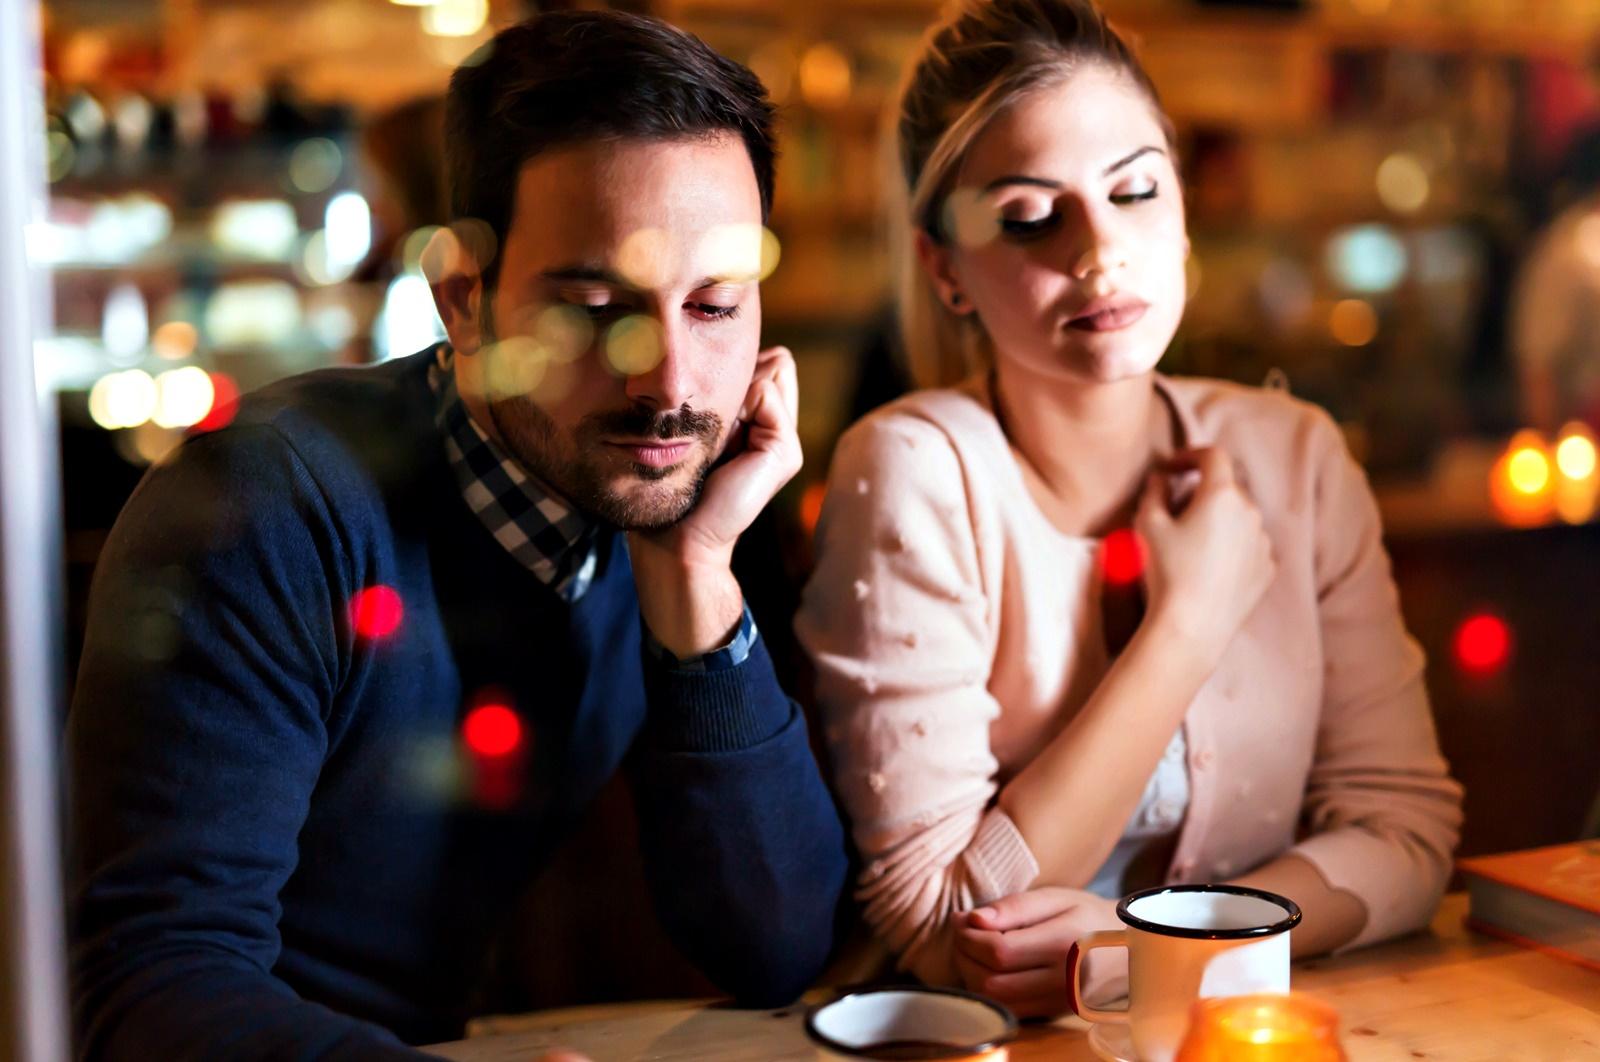 Променете начина си на мислене<br /> Ако сте разведени, помислете за възможност да прекарате поне няколко часа с бившия си партньор - заради децата. Въпреки че те са насяно, че не сте заедно, спомените от празниците се загнездят в съзнанието им и растейки, те започват да се чувстват виновни, че не могат да прекарат време с двамата си родители едновременно и че докато са с единия, другият е сам по празниците. Ако ситуацията е подобна, но не става въпрос за развод, а просто обстоятелствата са такива, че някой роднина е в чужбина и не може да присъства, не го забравяйте на празничната вечеря – да, видео чатът не е като да се видите на живо, но пък е по-добре от нищо.